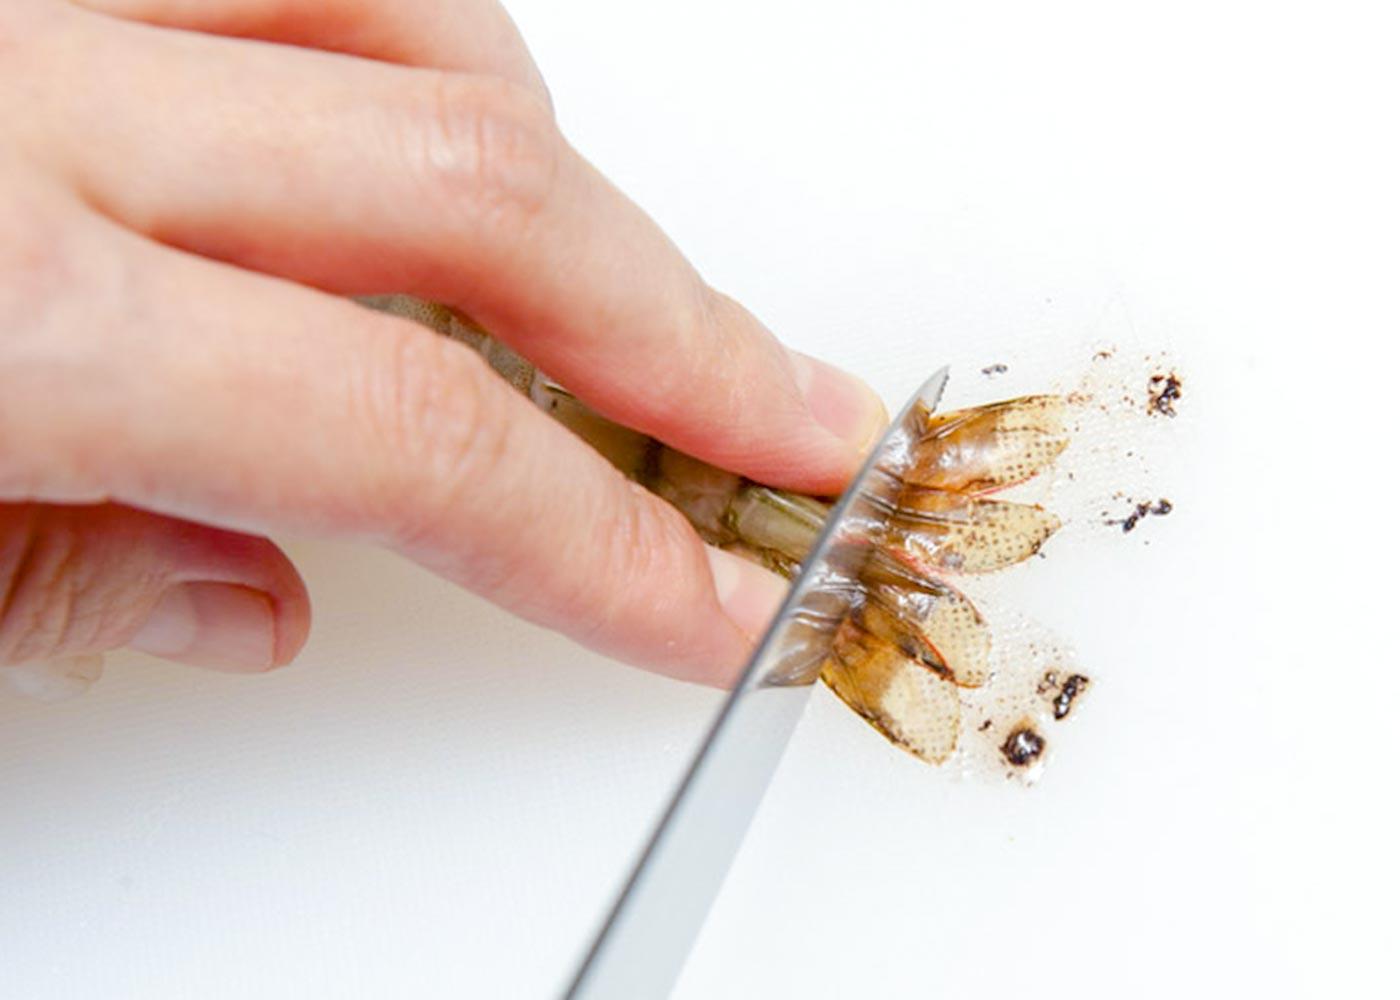 えびは尾の1節を残して殻をむく。尾を包丁の刃先でしごいて水気を出し★、斜めに切り落とす。